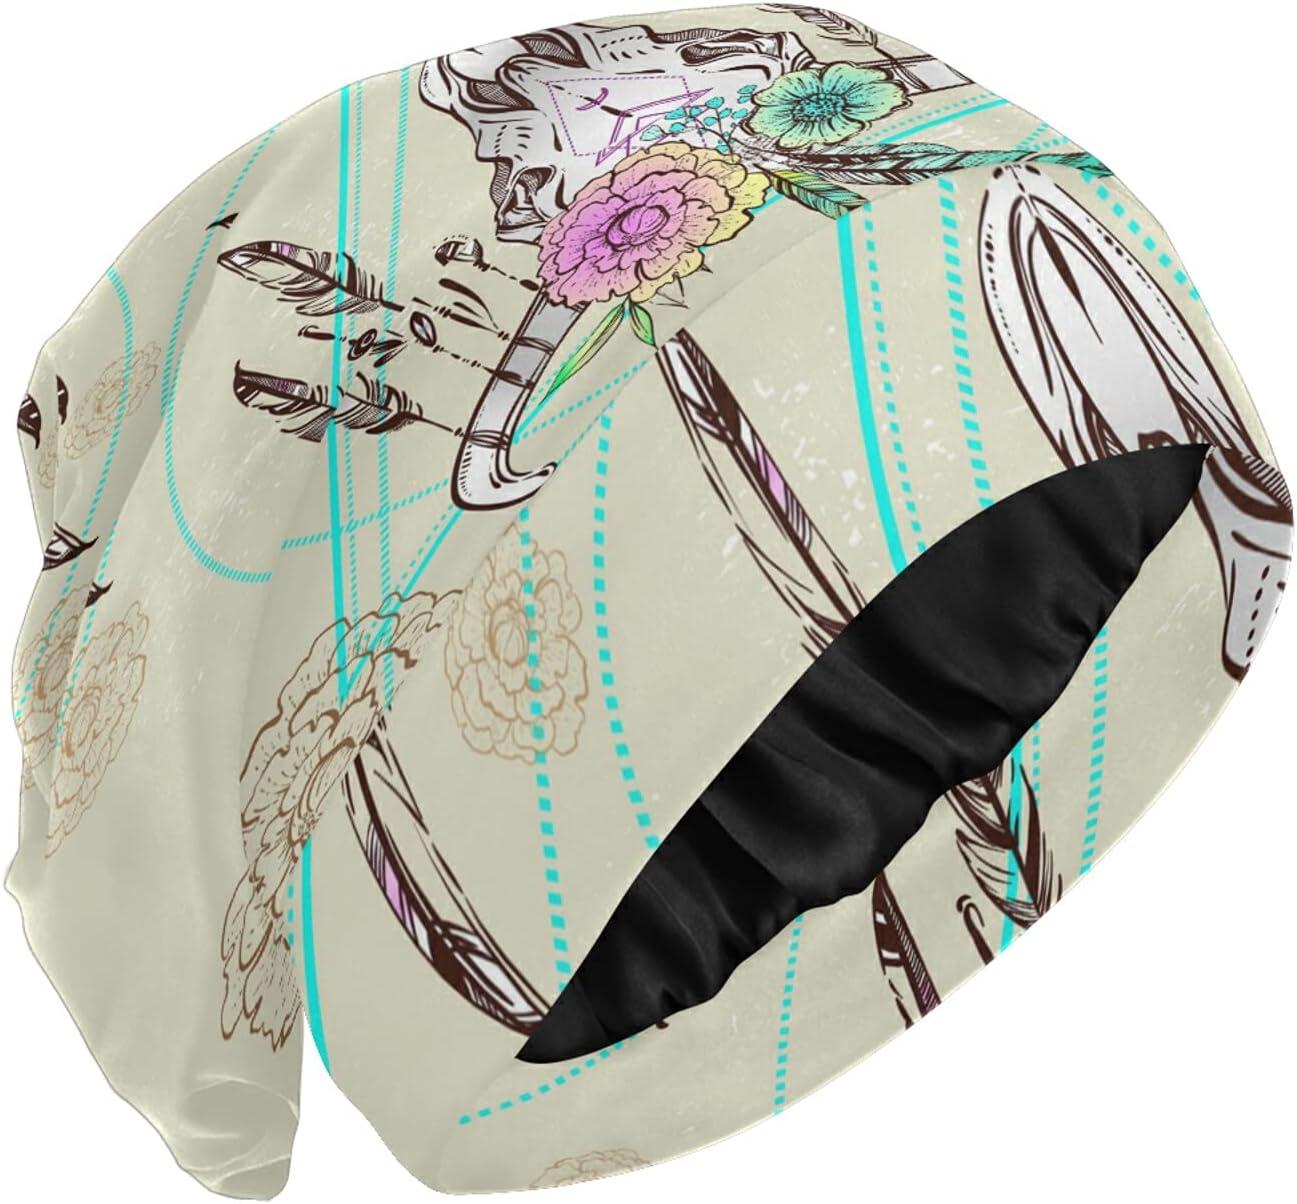 PUXUQU Gorro de dormir con diseño de calavera de toro nativo americano con flores para dormir y cabeza para mujer y niña